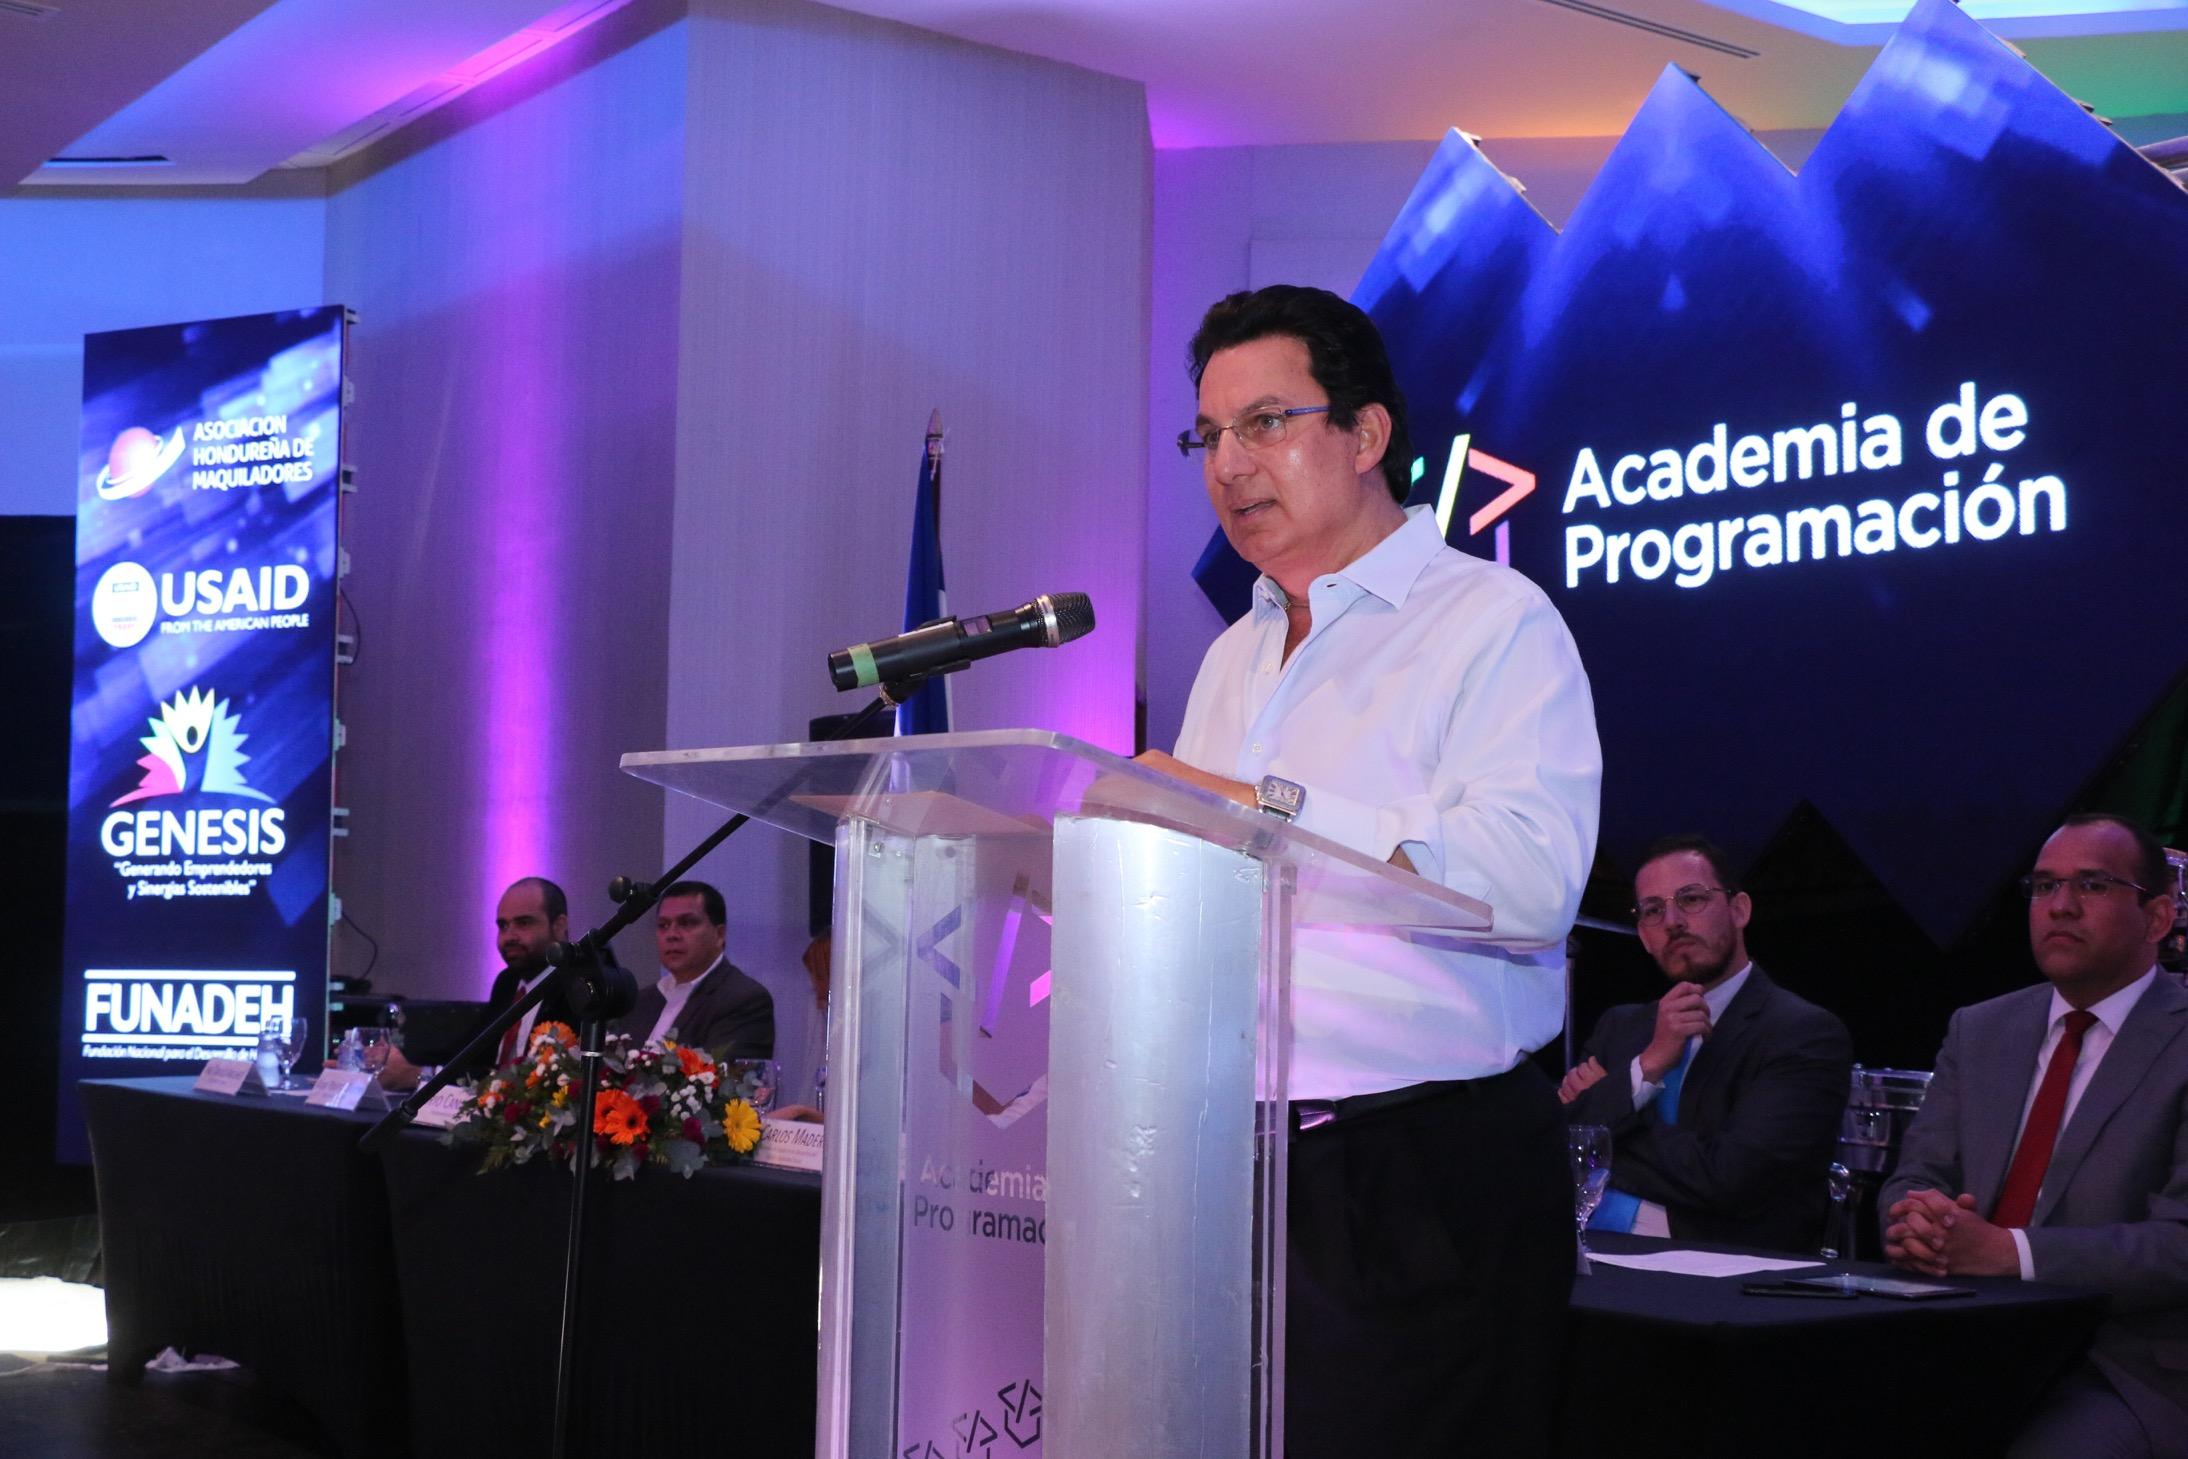 En sintonía con la tecnología y en asocio con otros actores: Maquiladores lanzan innovadora Academia de Programación con una inversión de 4 millones de lempiras